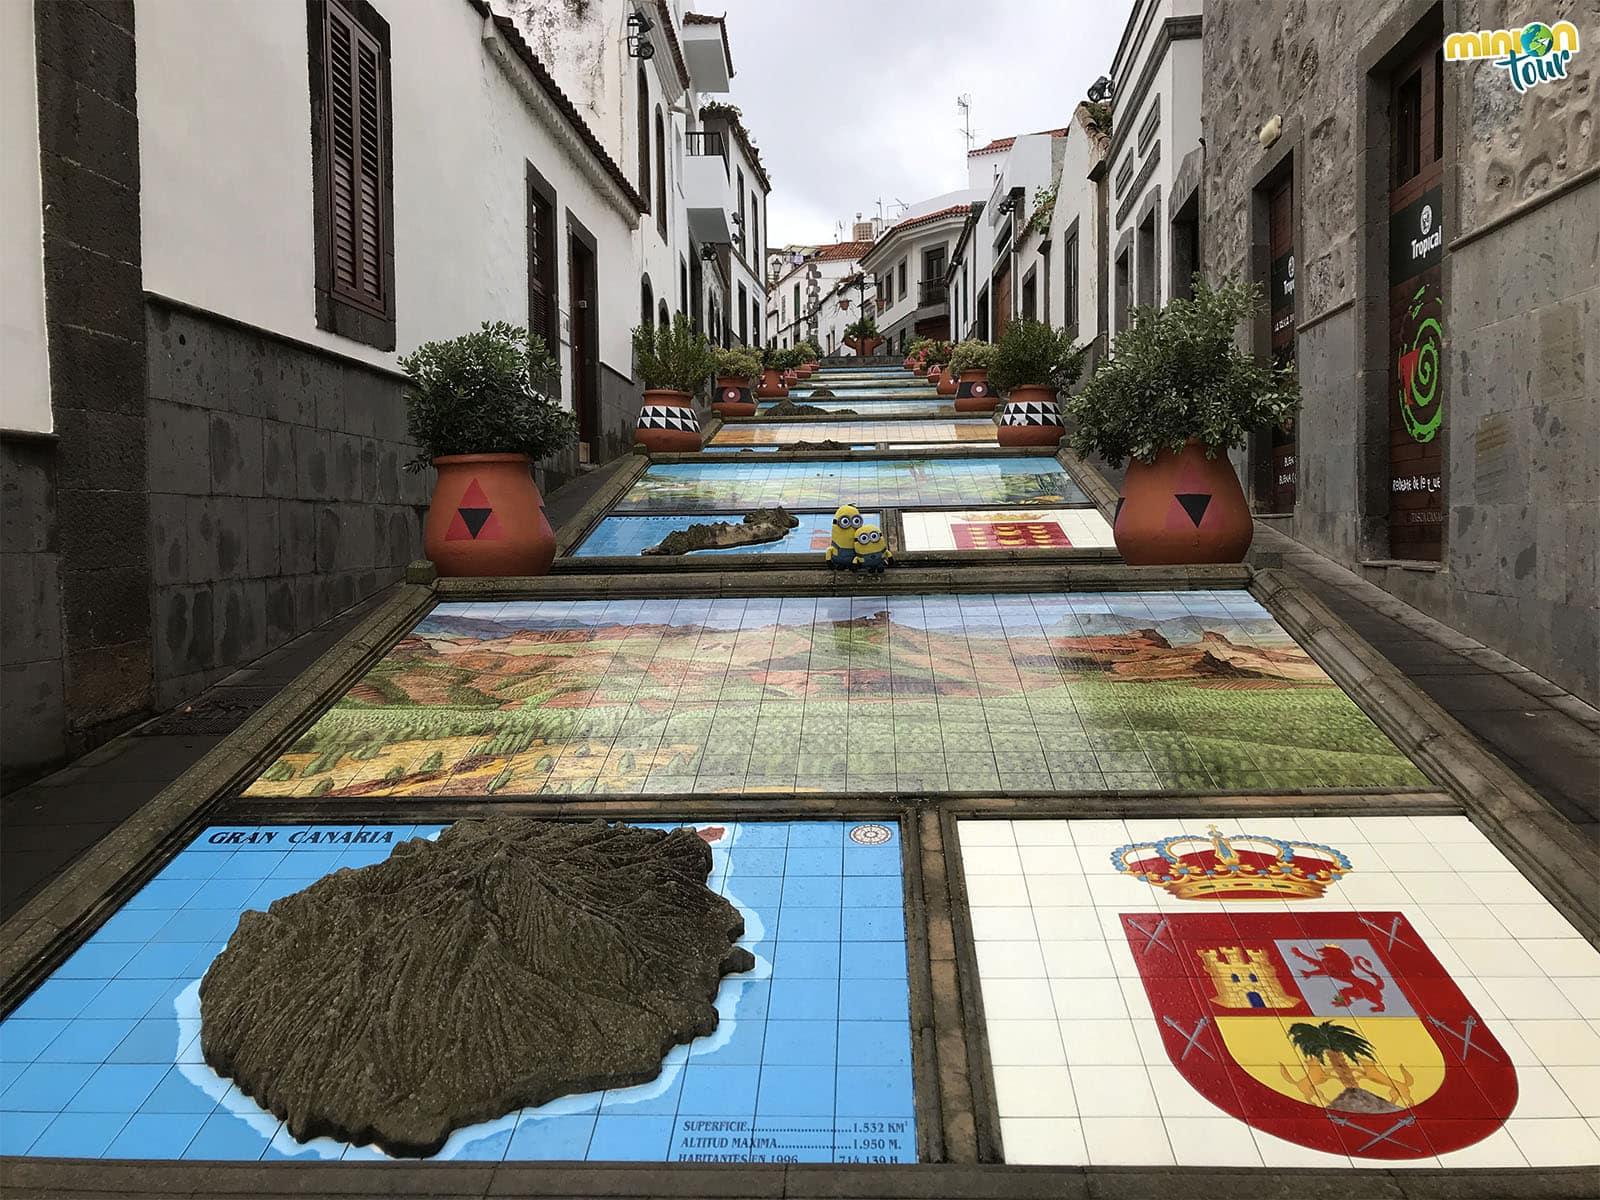 Firgas no puede faltar en una ruta por el norte de Gran Canaria